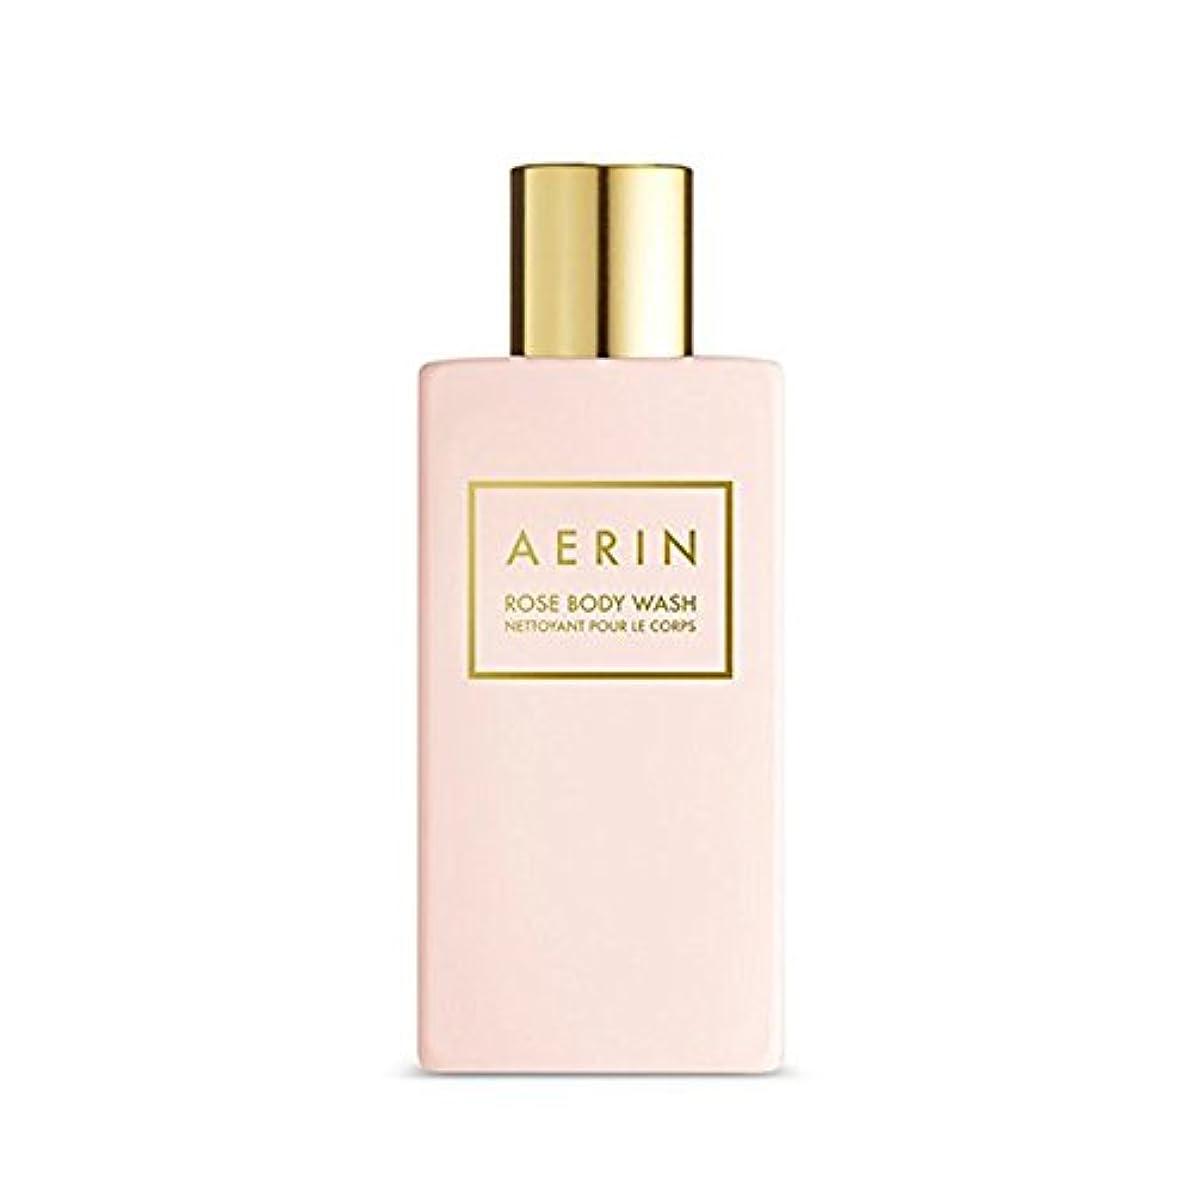 返還キャンプねばねばAERIN Rose Body Wash(アエリン ローズ ボディー ウオッシュ) 7.6 oz (225ml) by Estee Lauder